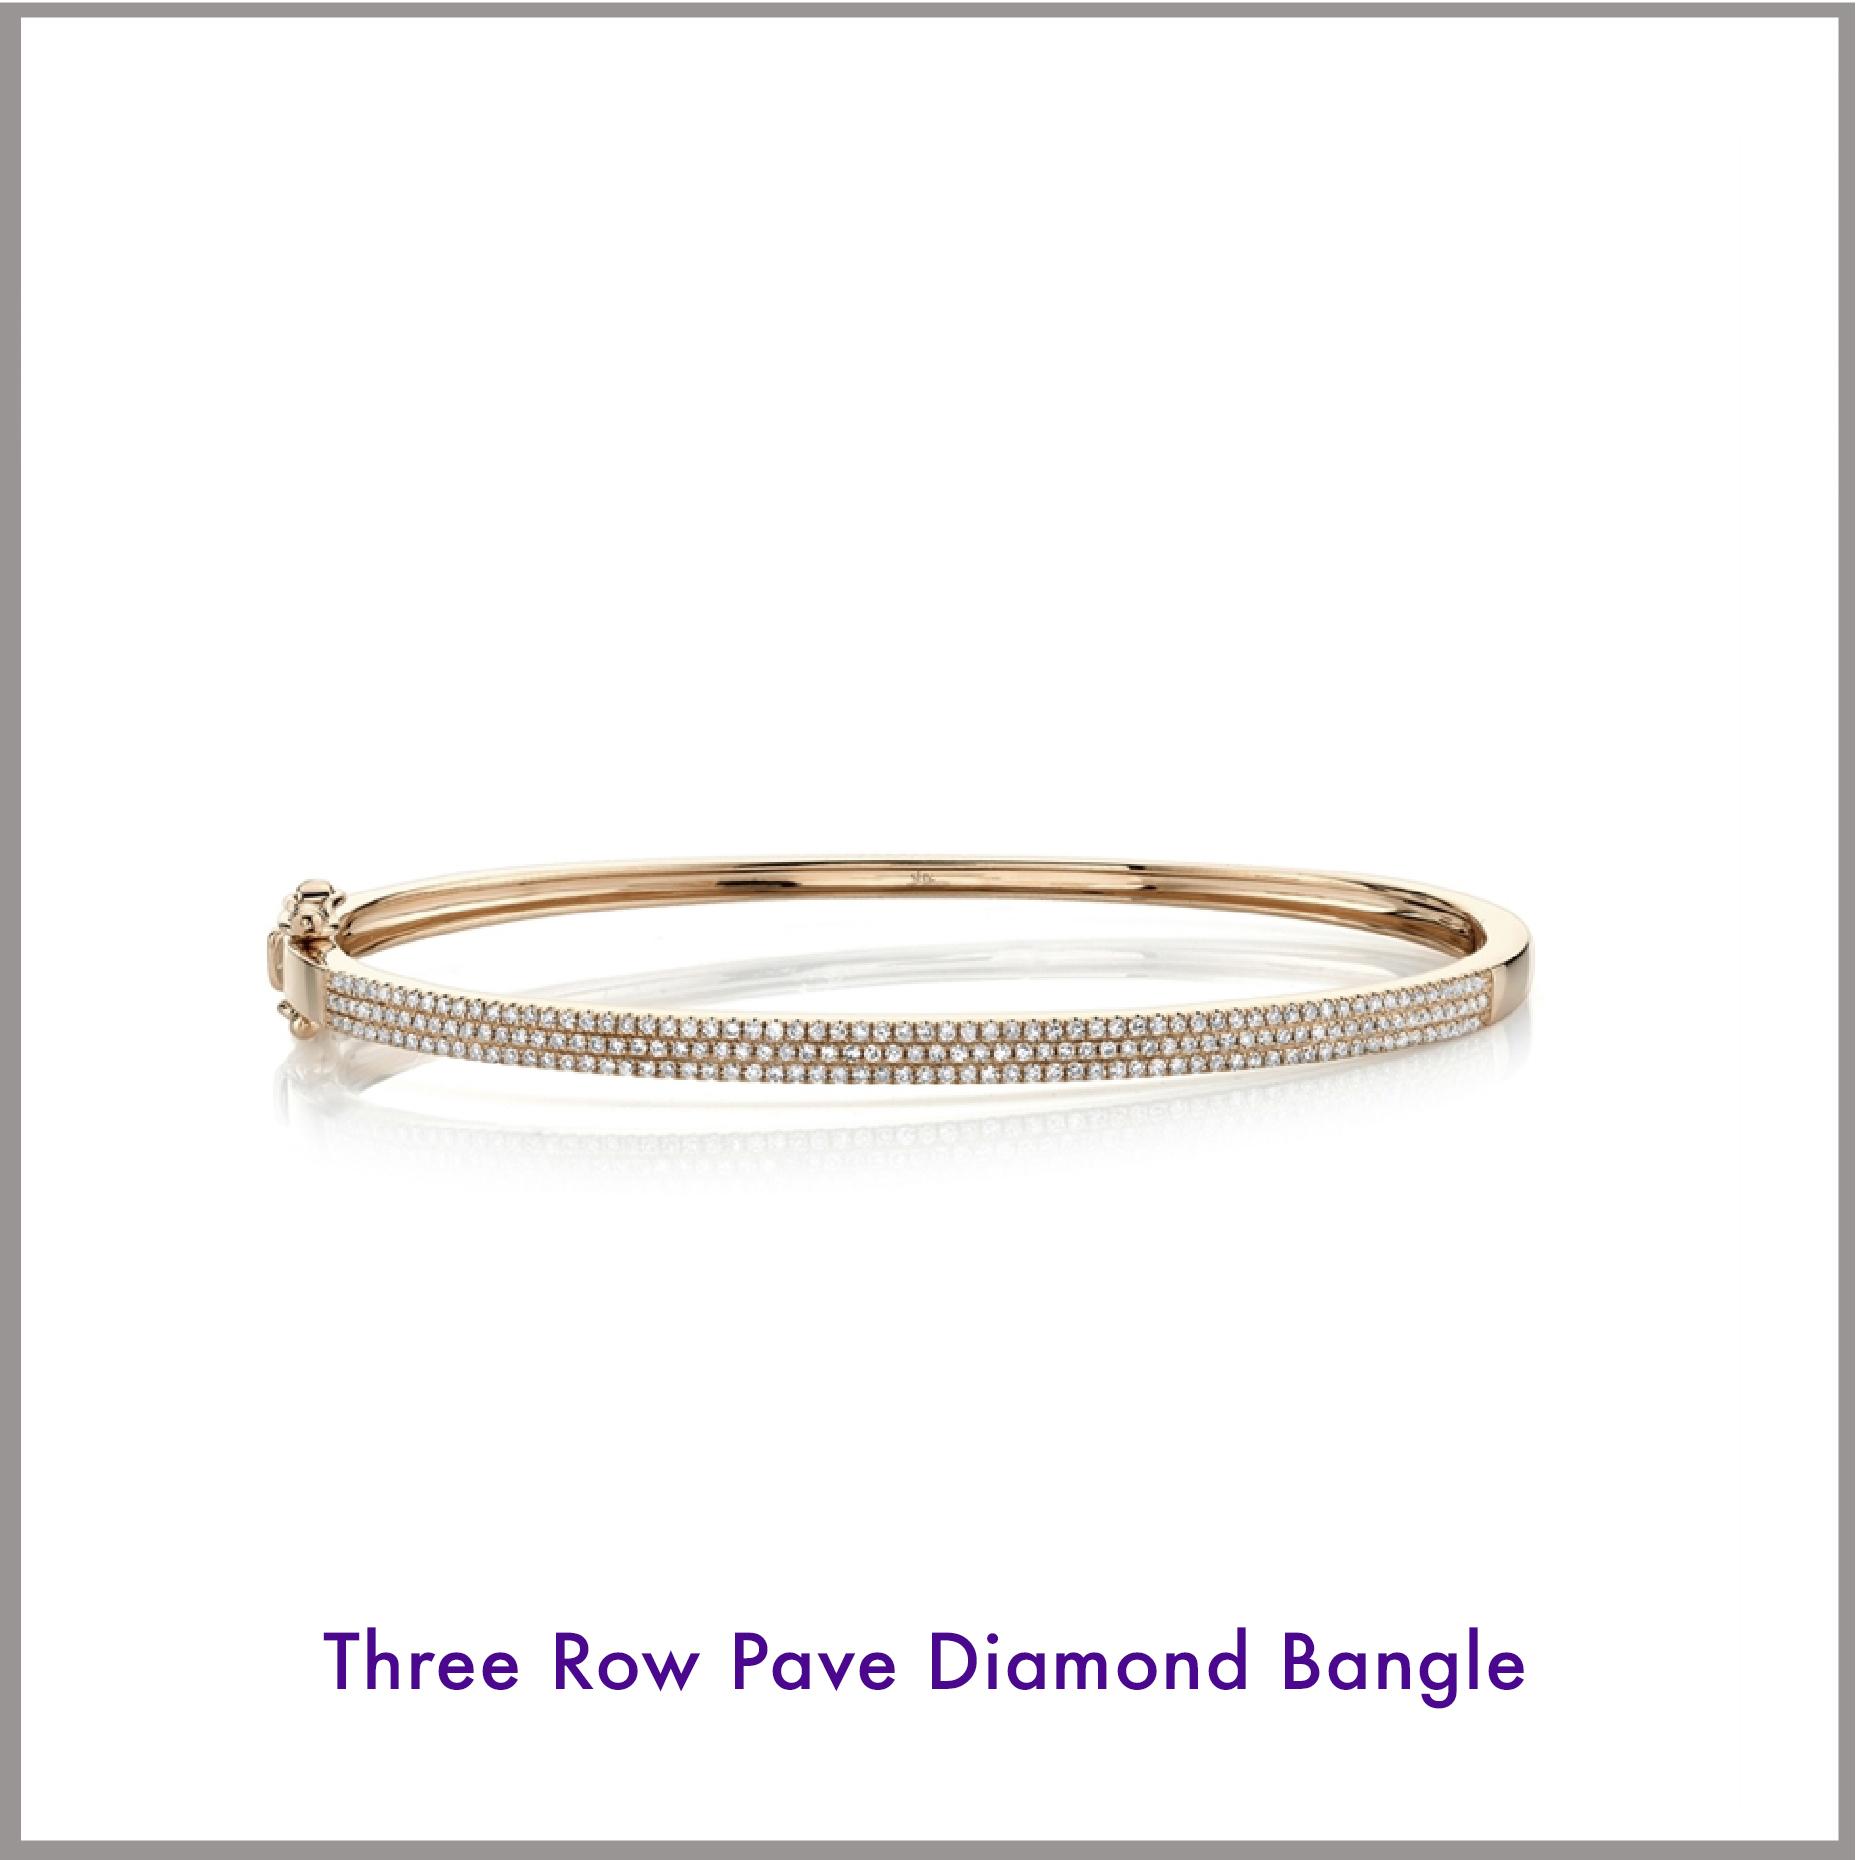 Three Row Pave Diamond Bangle